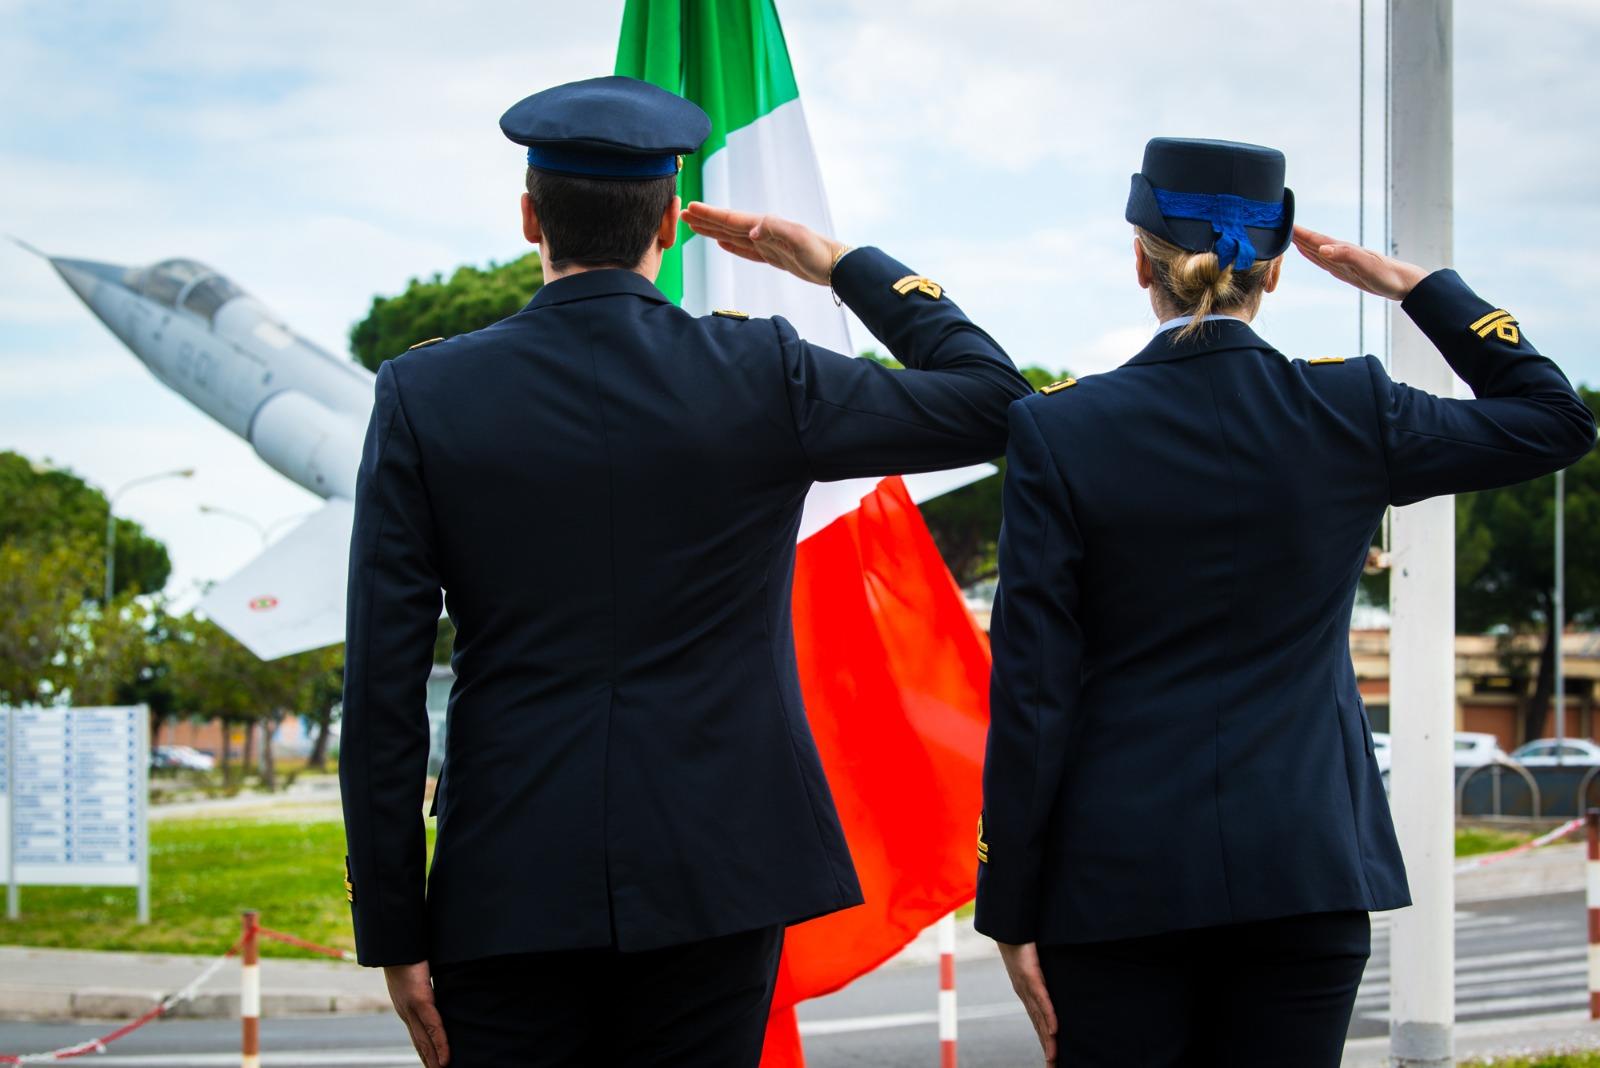 L'aeronautica militare celebra il 97° anniversario della sua costituzione